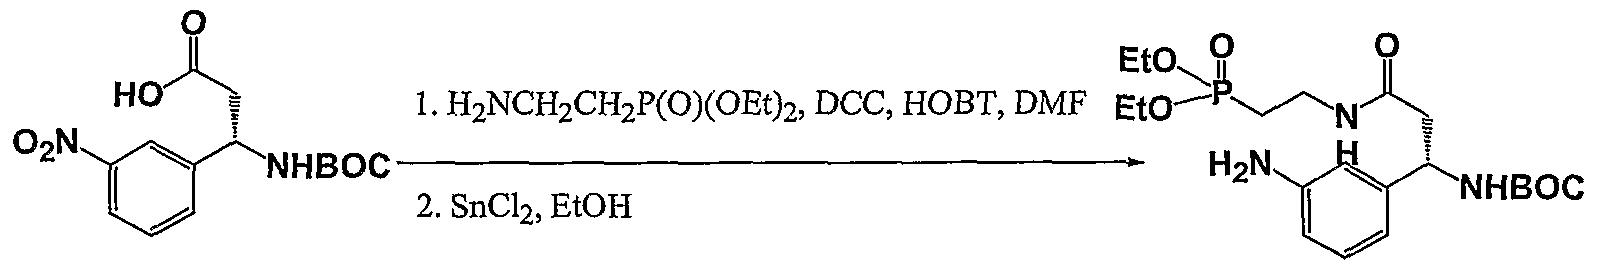 Figure imgf000339_0003